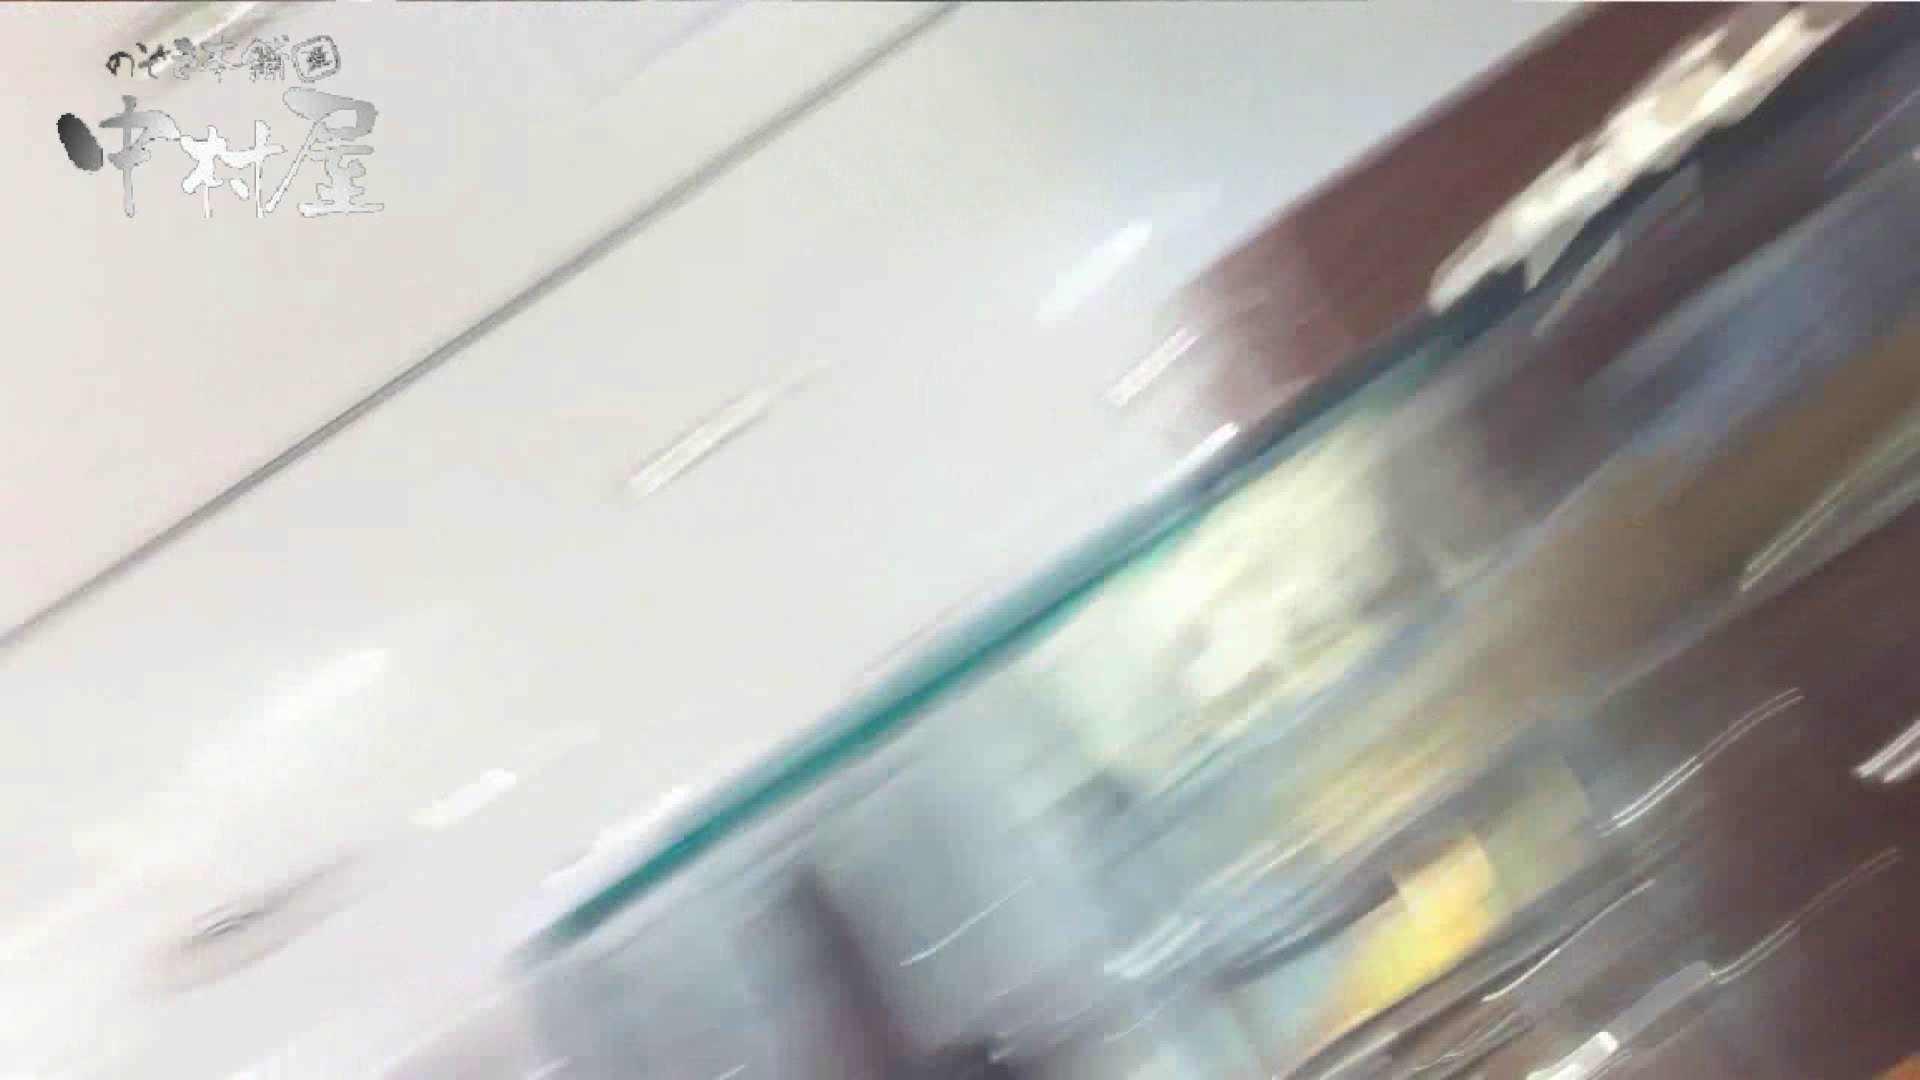 vol.49 可愛いカリスマ店員‼胸チラ&パンチラ お嬢様系店員さん チラ見えで興奮 | 胸チラ  10枚 1